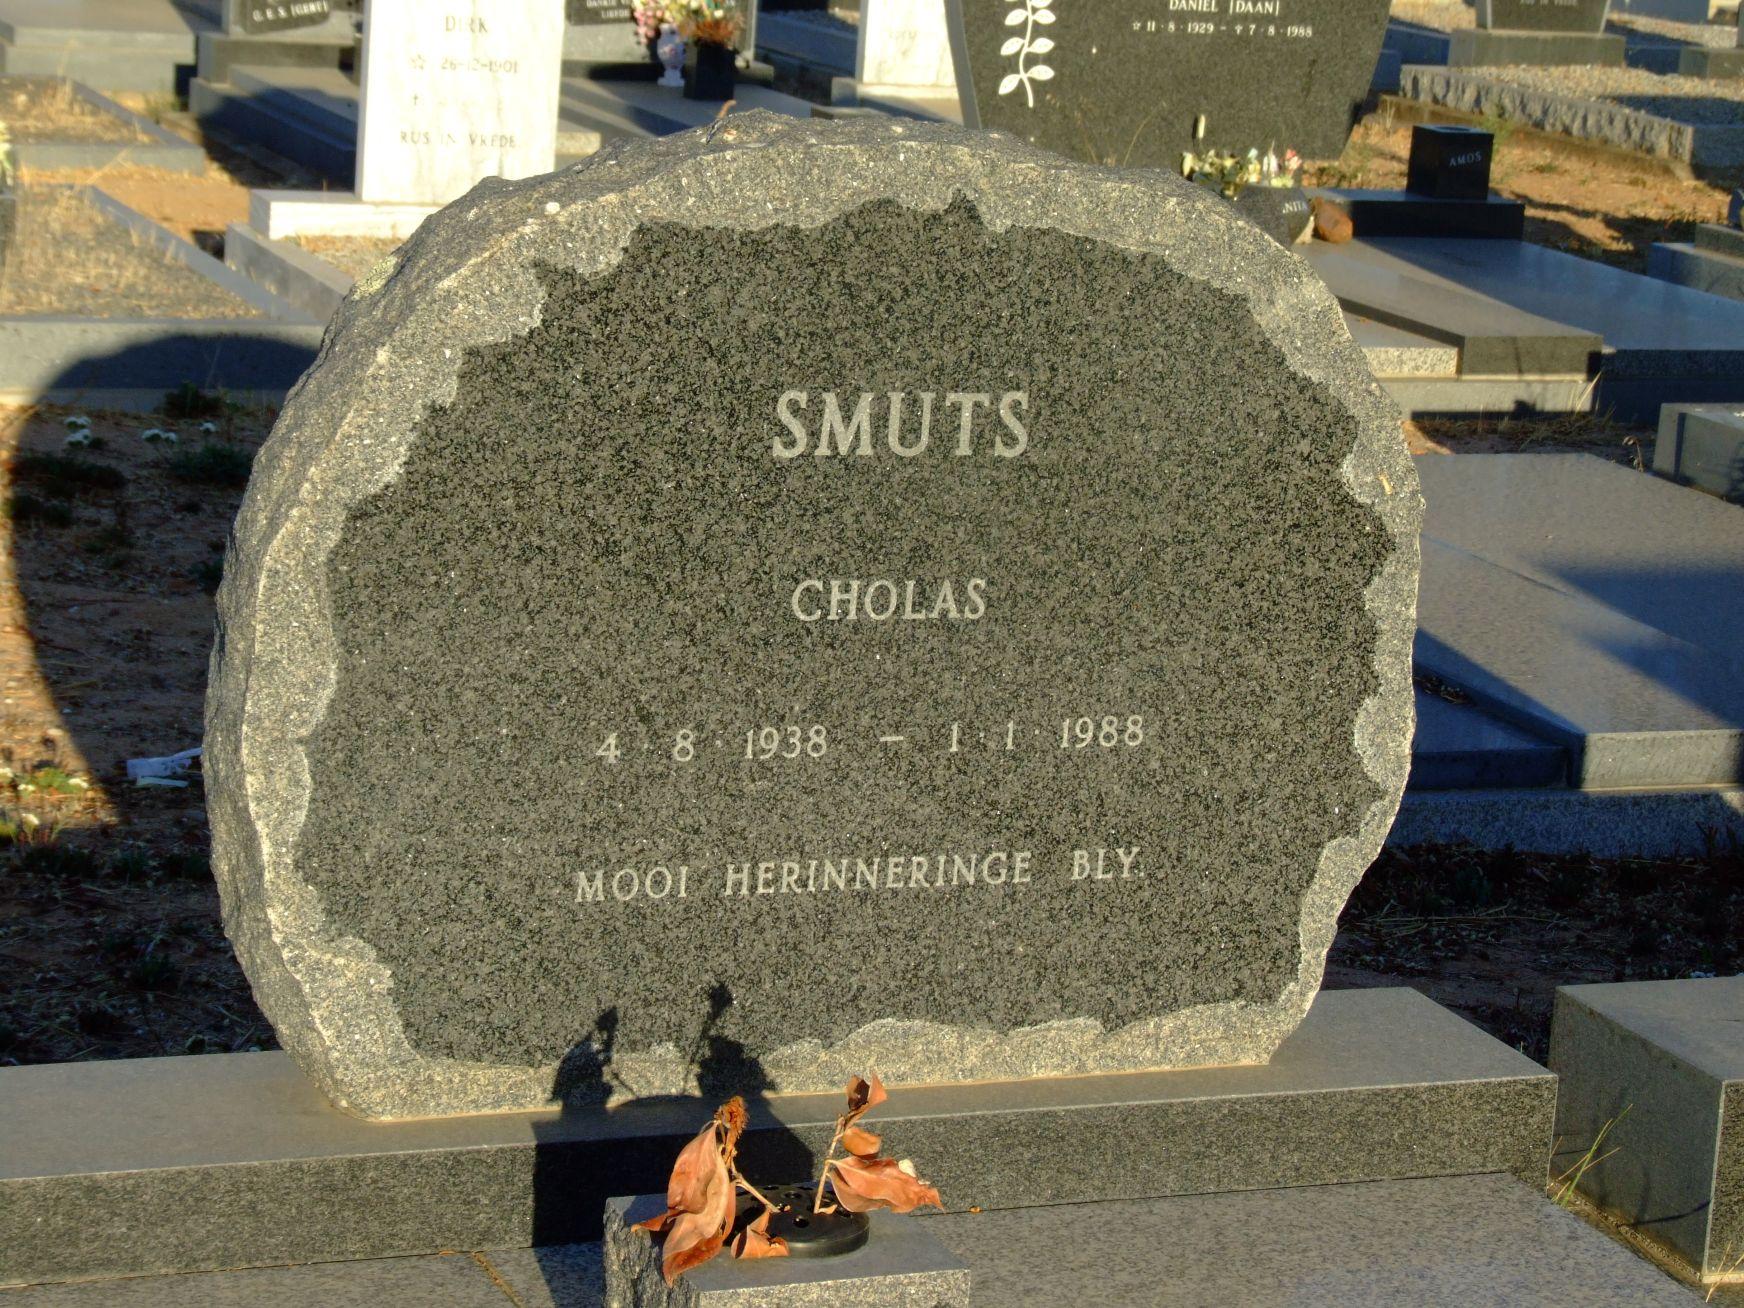 Smuts, Cholas